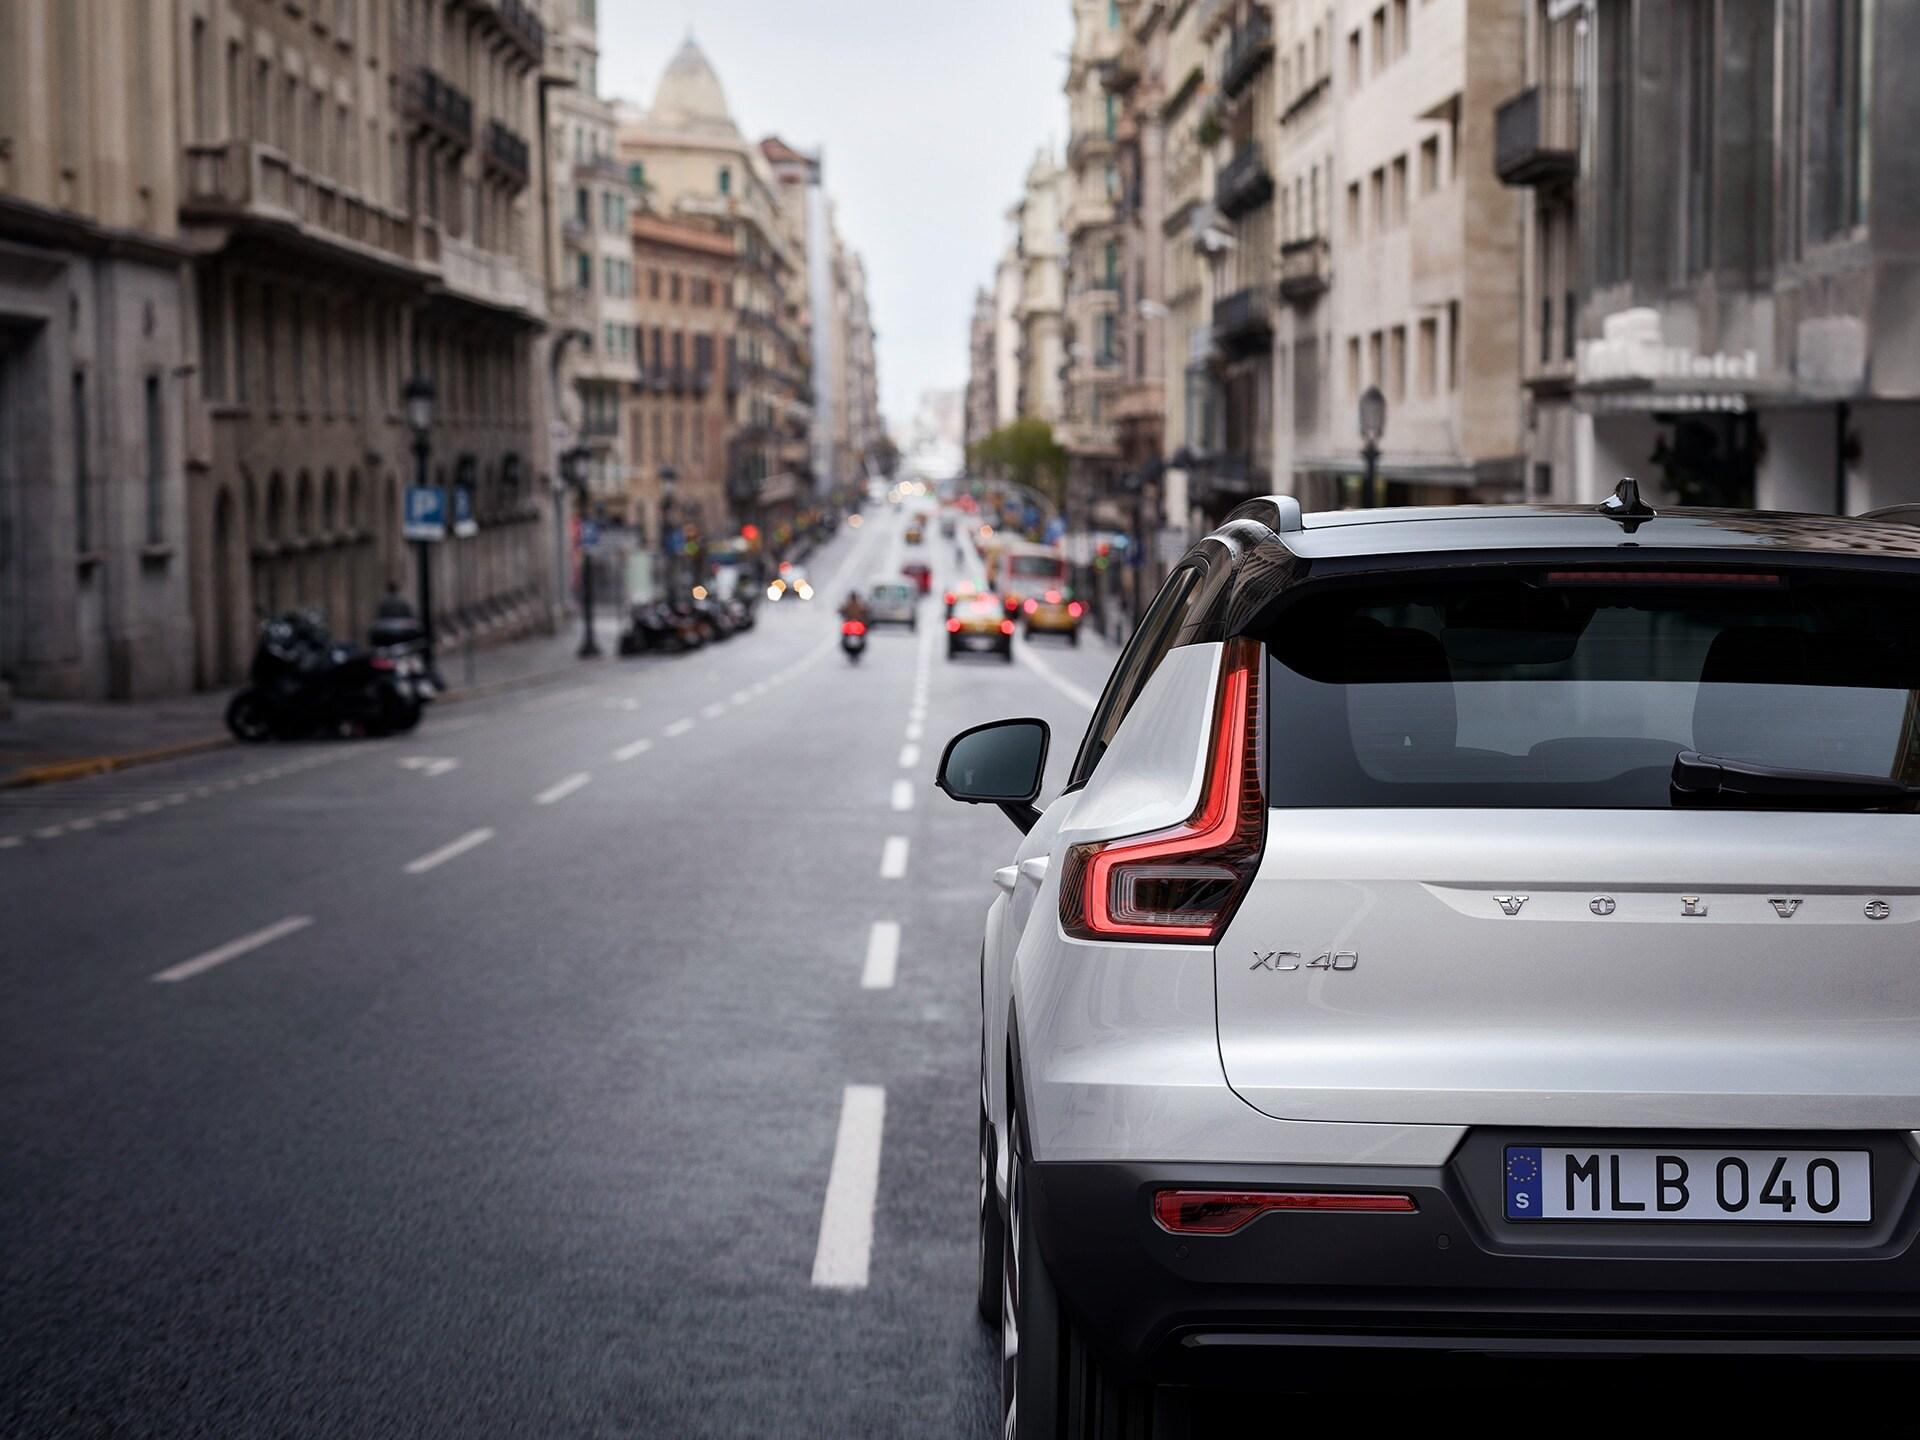 Ein weißer Volvo XC40 Mild-Hybrid fährt in der Stadt die Straße entlang.